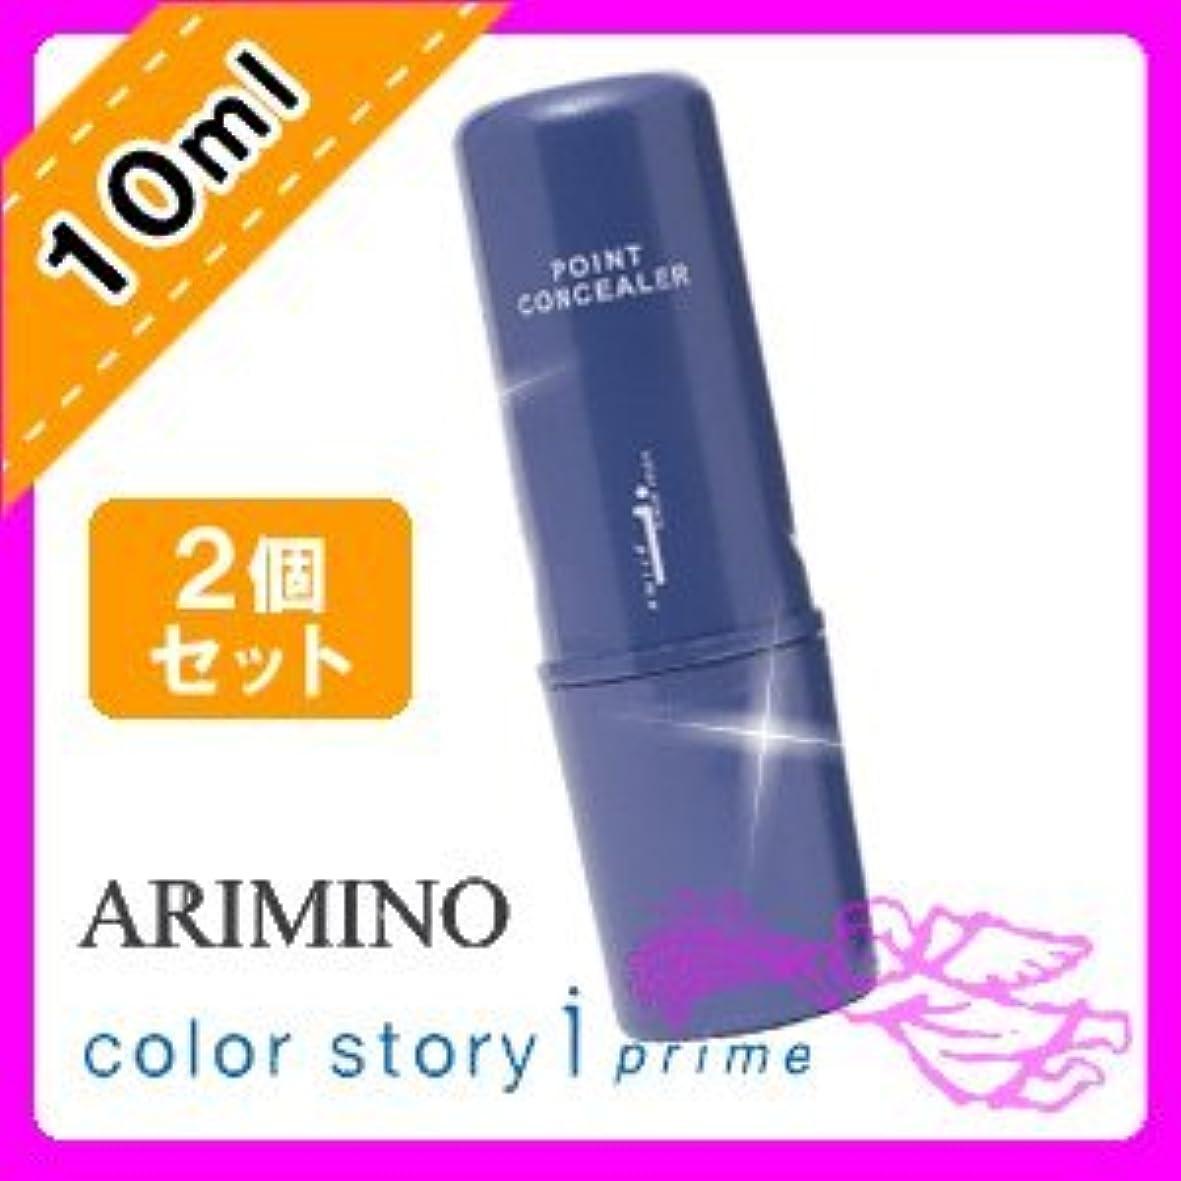 ふさわしい覆す歌手アリミノ カラーストーリーiプライム ポイントコンシーラー ミディアム 10ml ×2個 セット